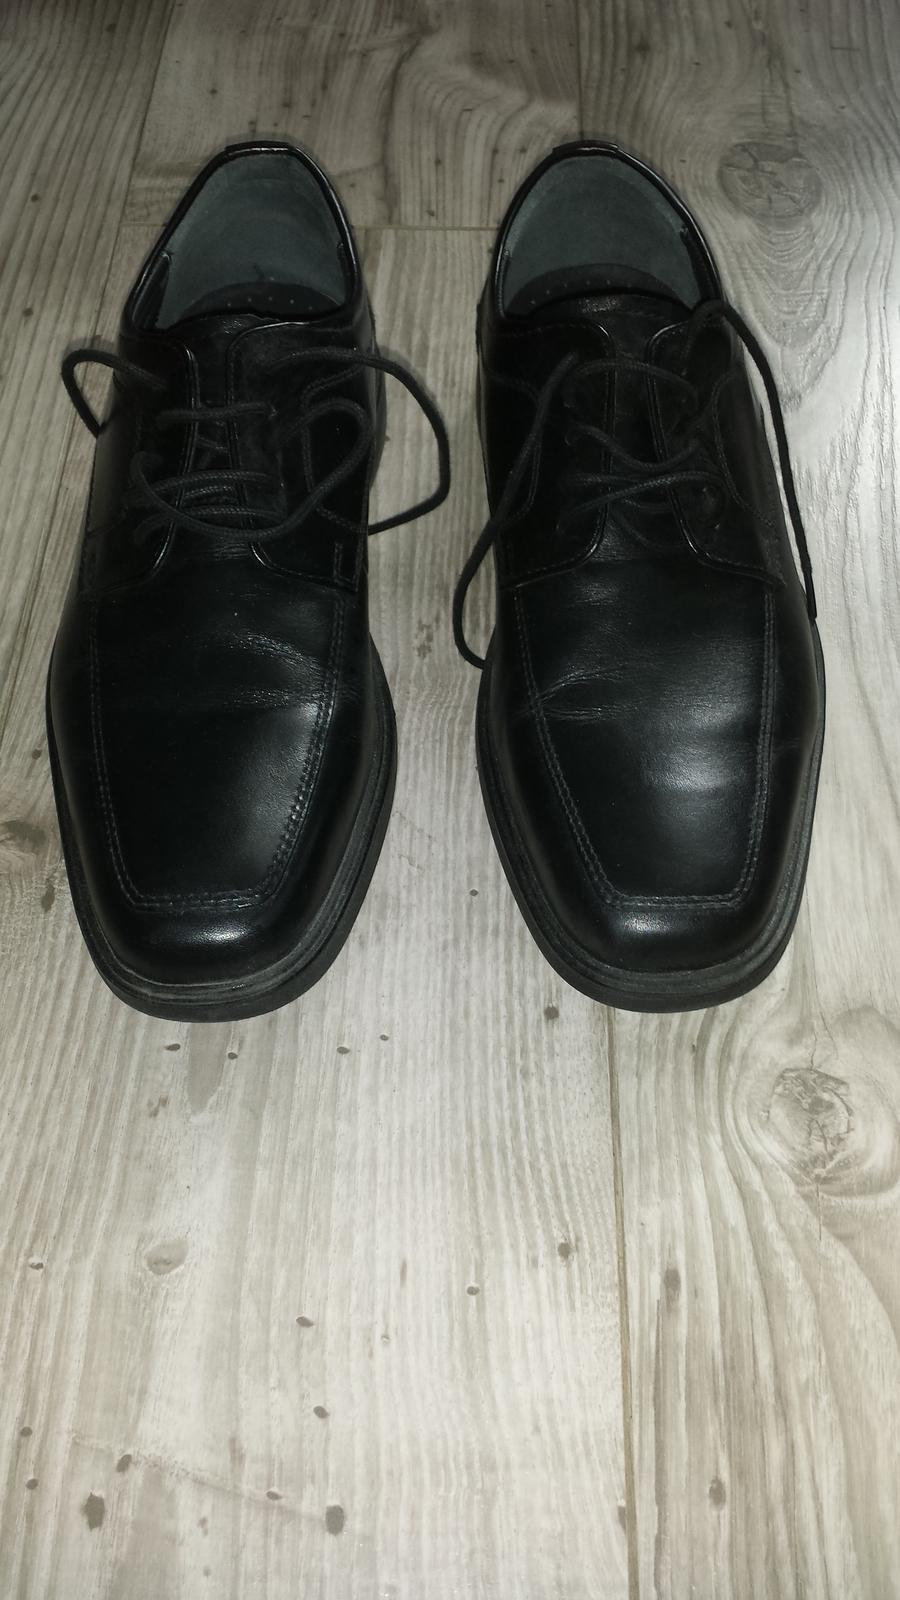 Sviatočné topánky - Obrázok č. 1